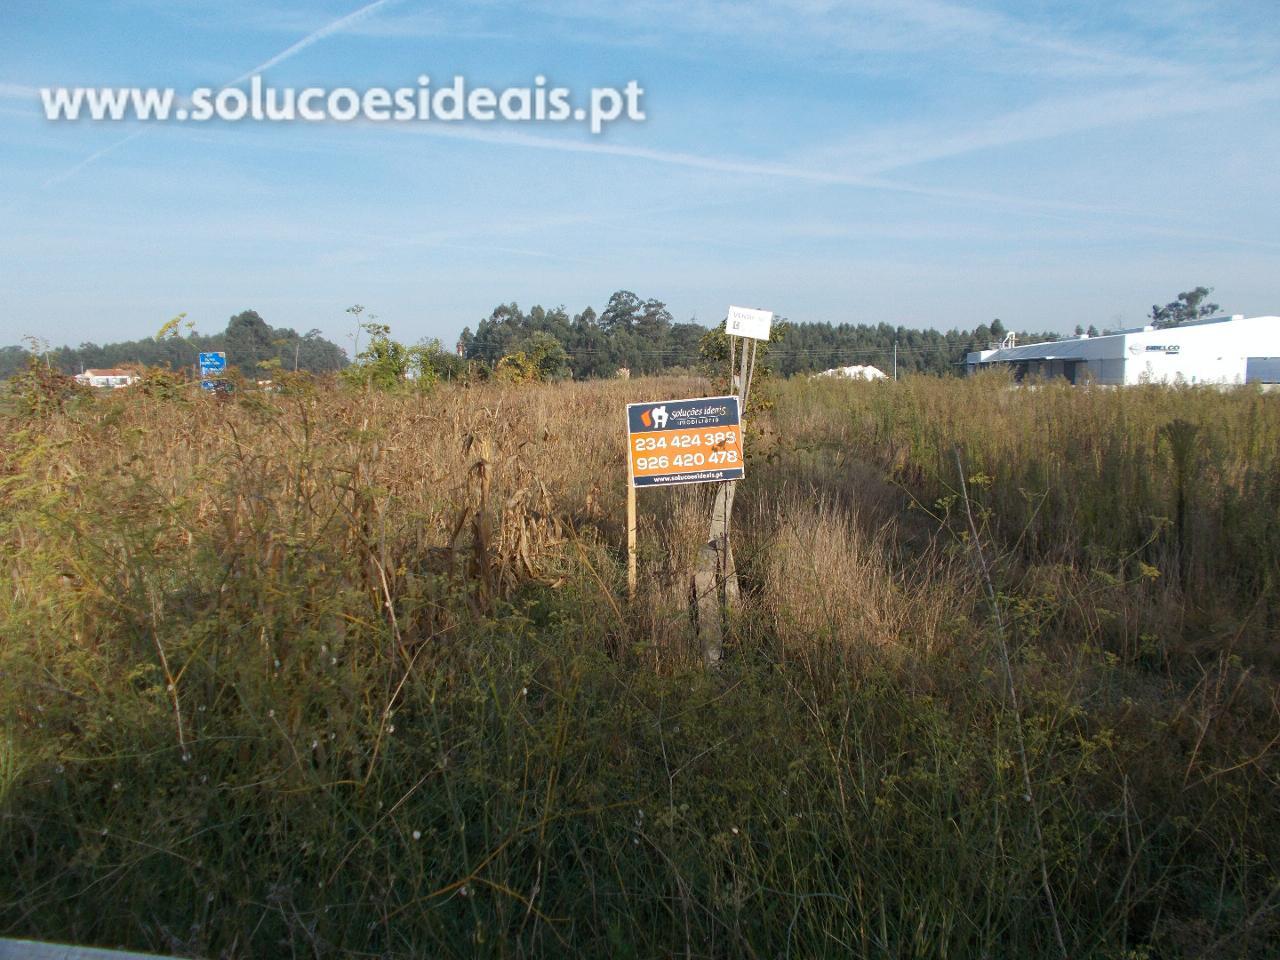 terreno para compra em aveiro eixo e eirol AVGDG1107